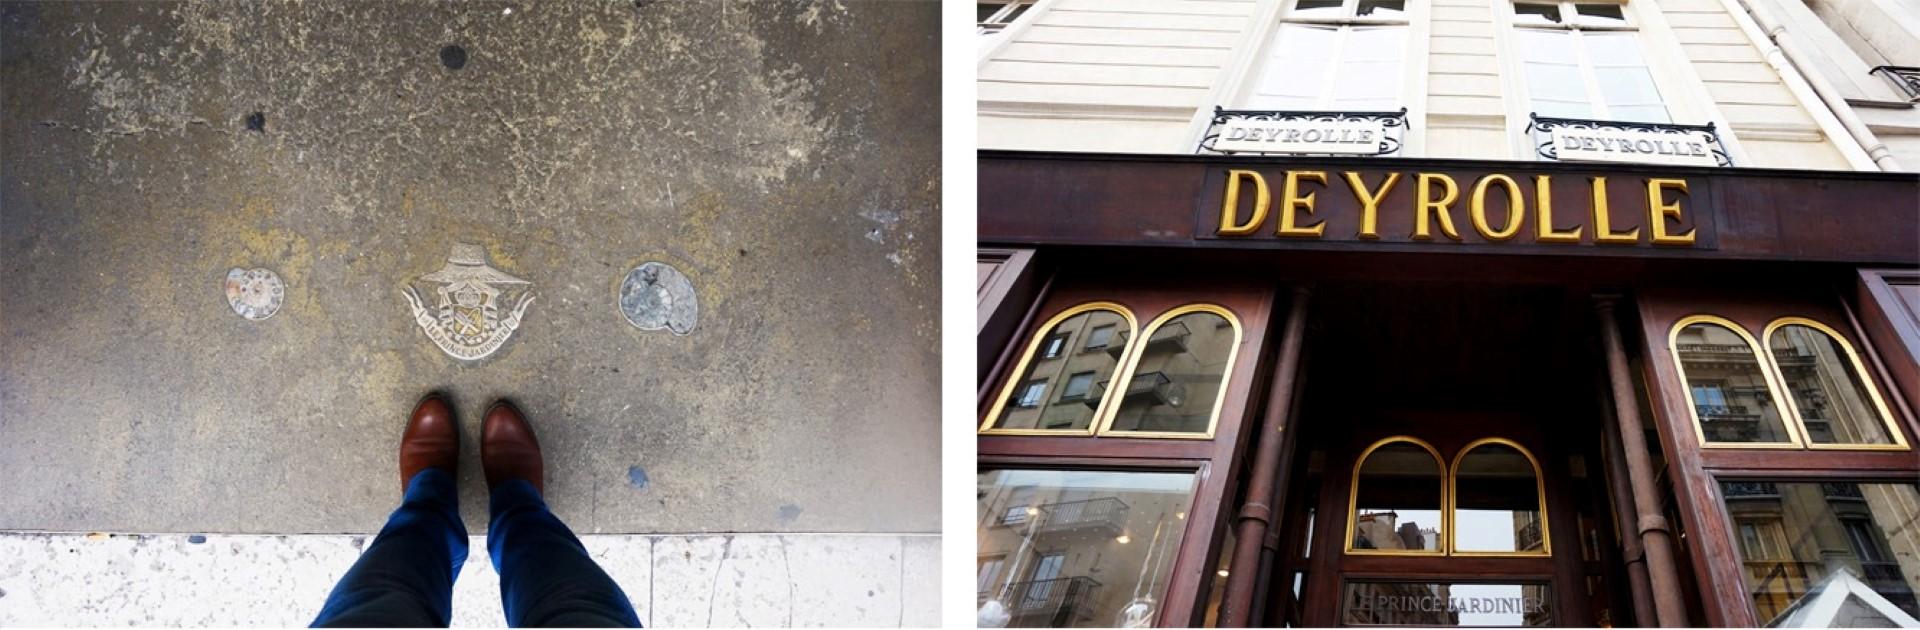 Deyrolle - Paris 7e